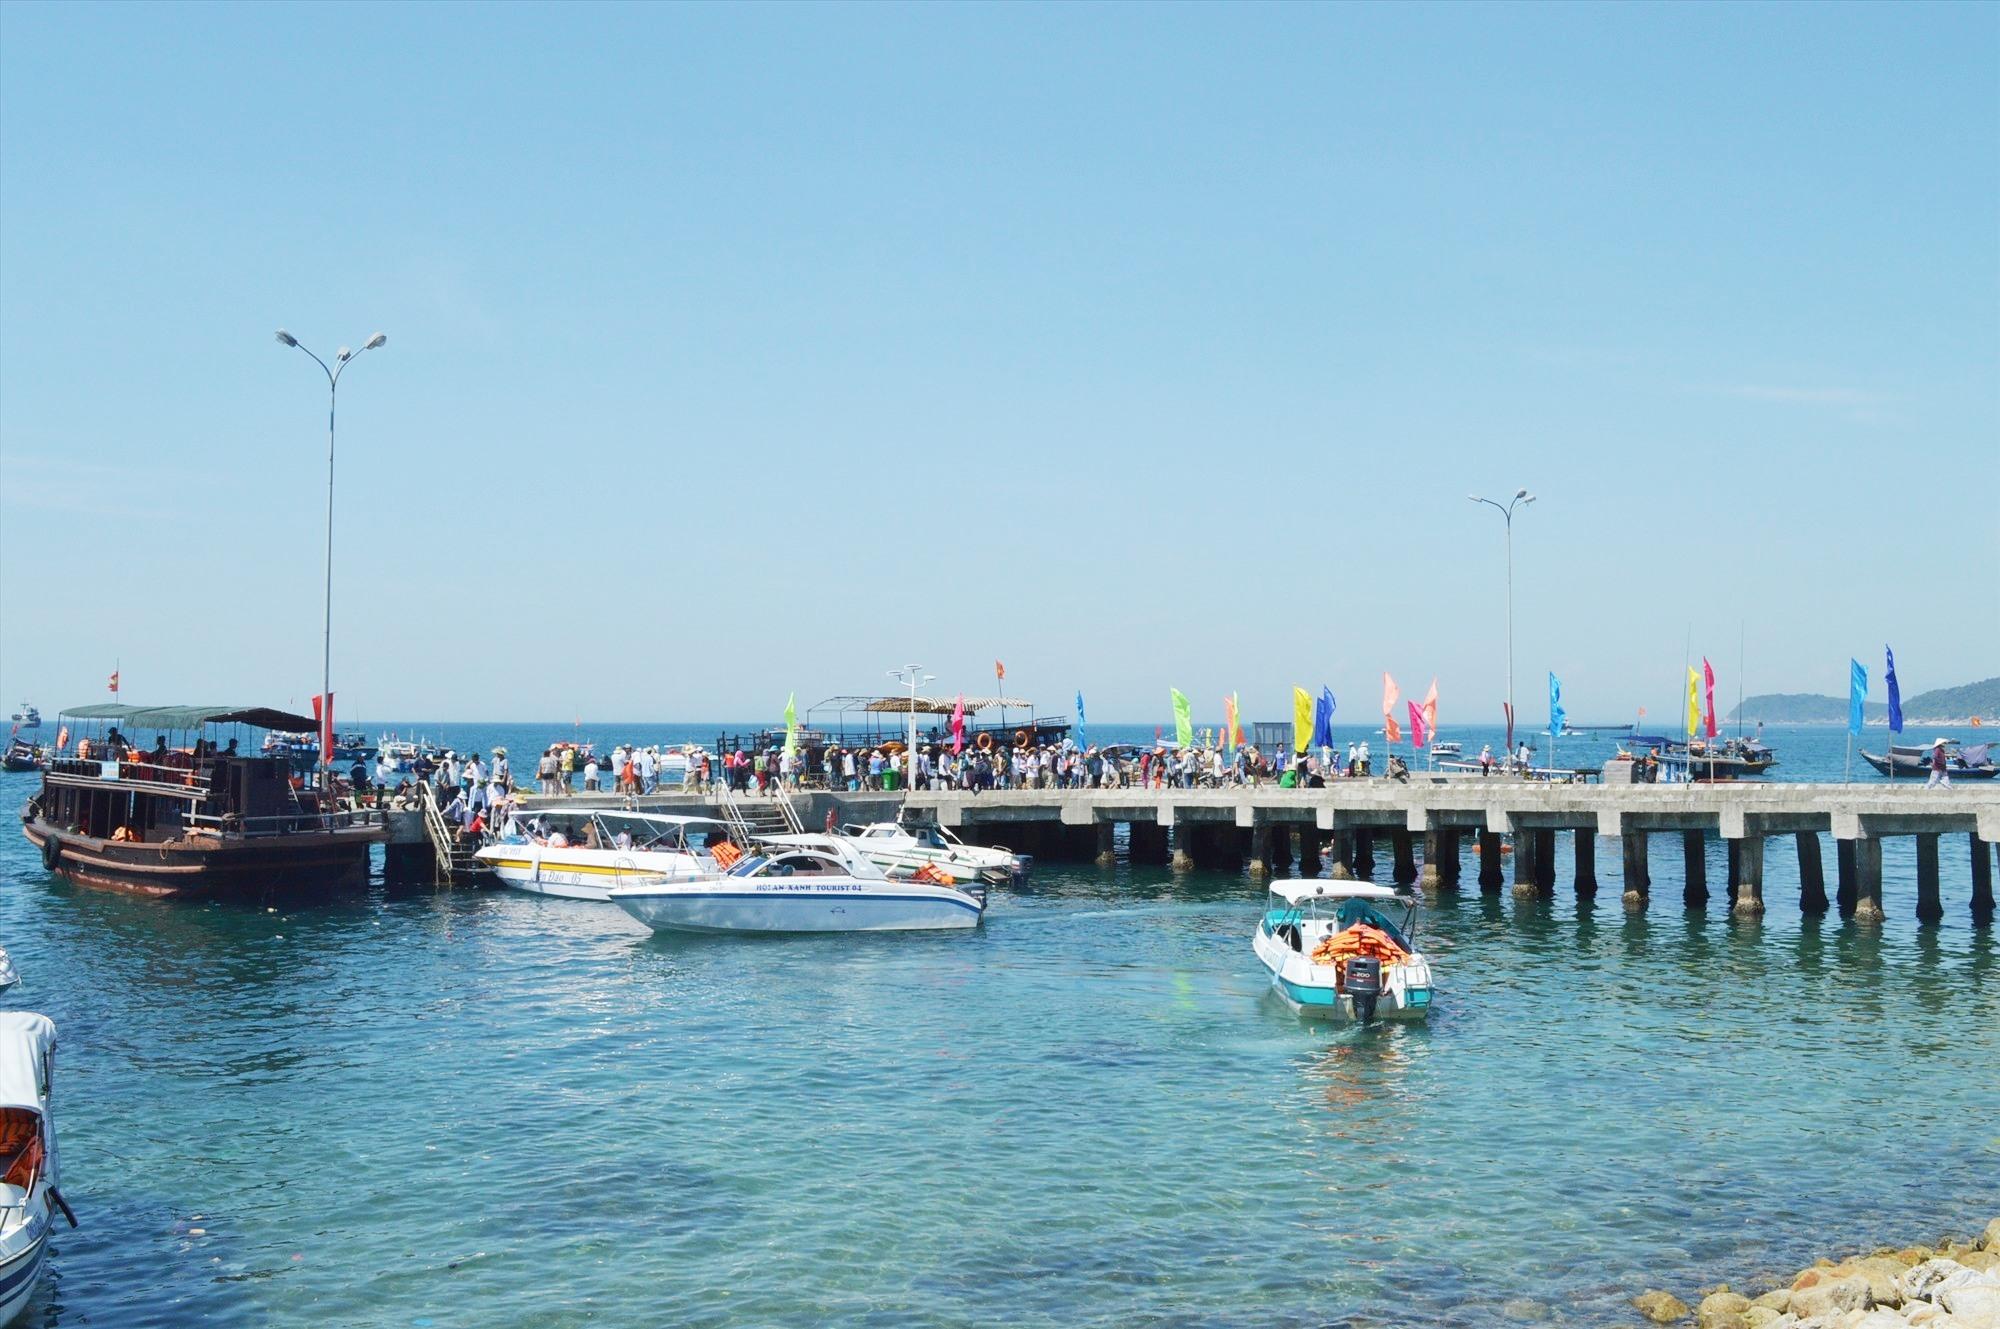 Hạ tầng cầu cảng đóng vai trò quan trọng trong phát triển du lịch.